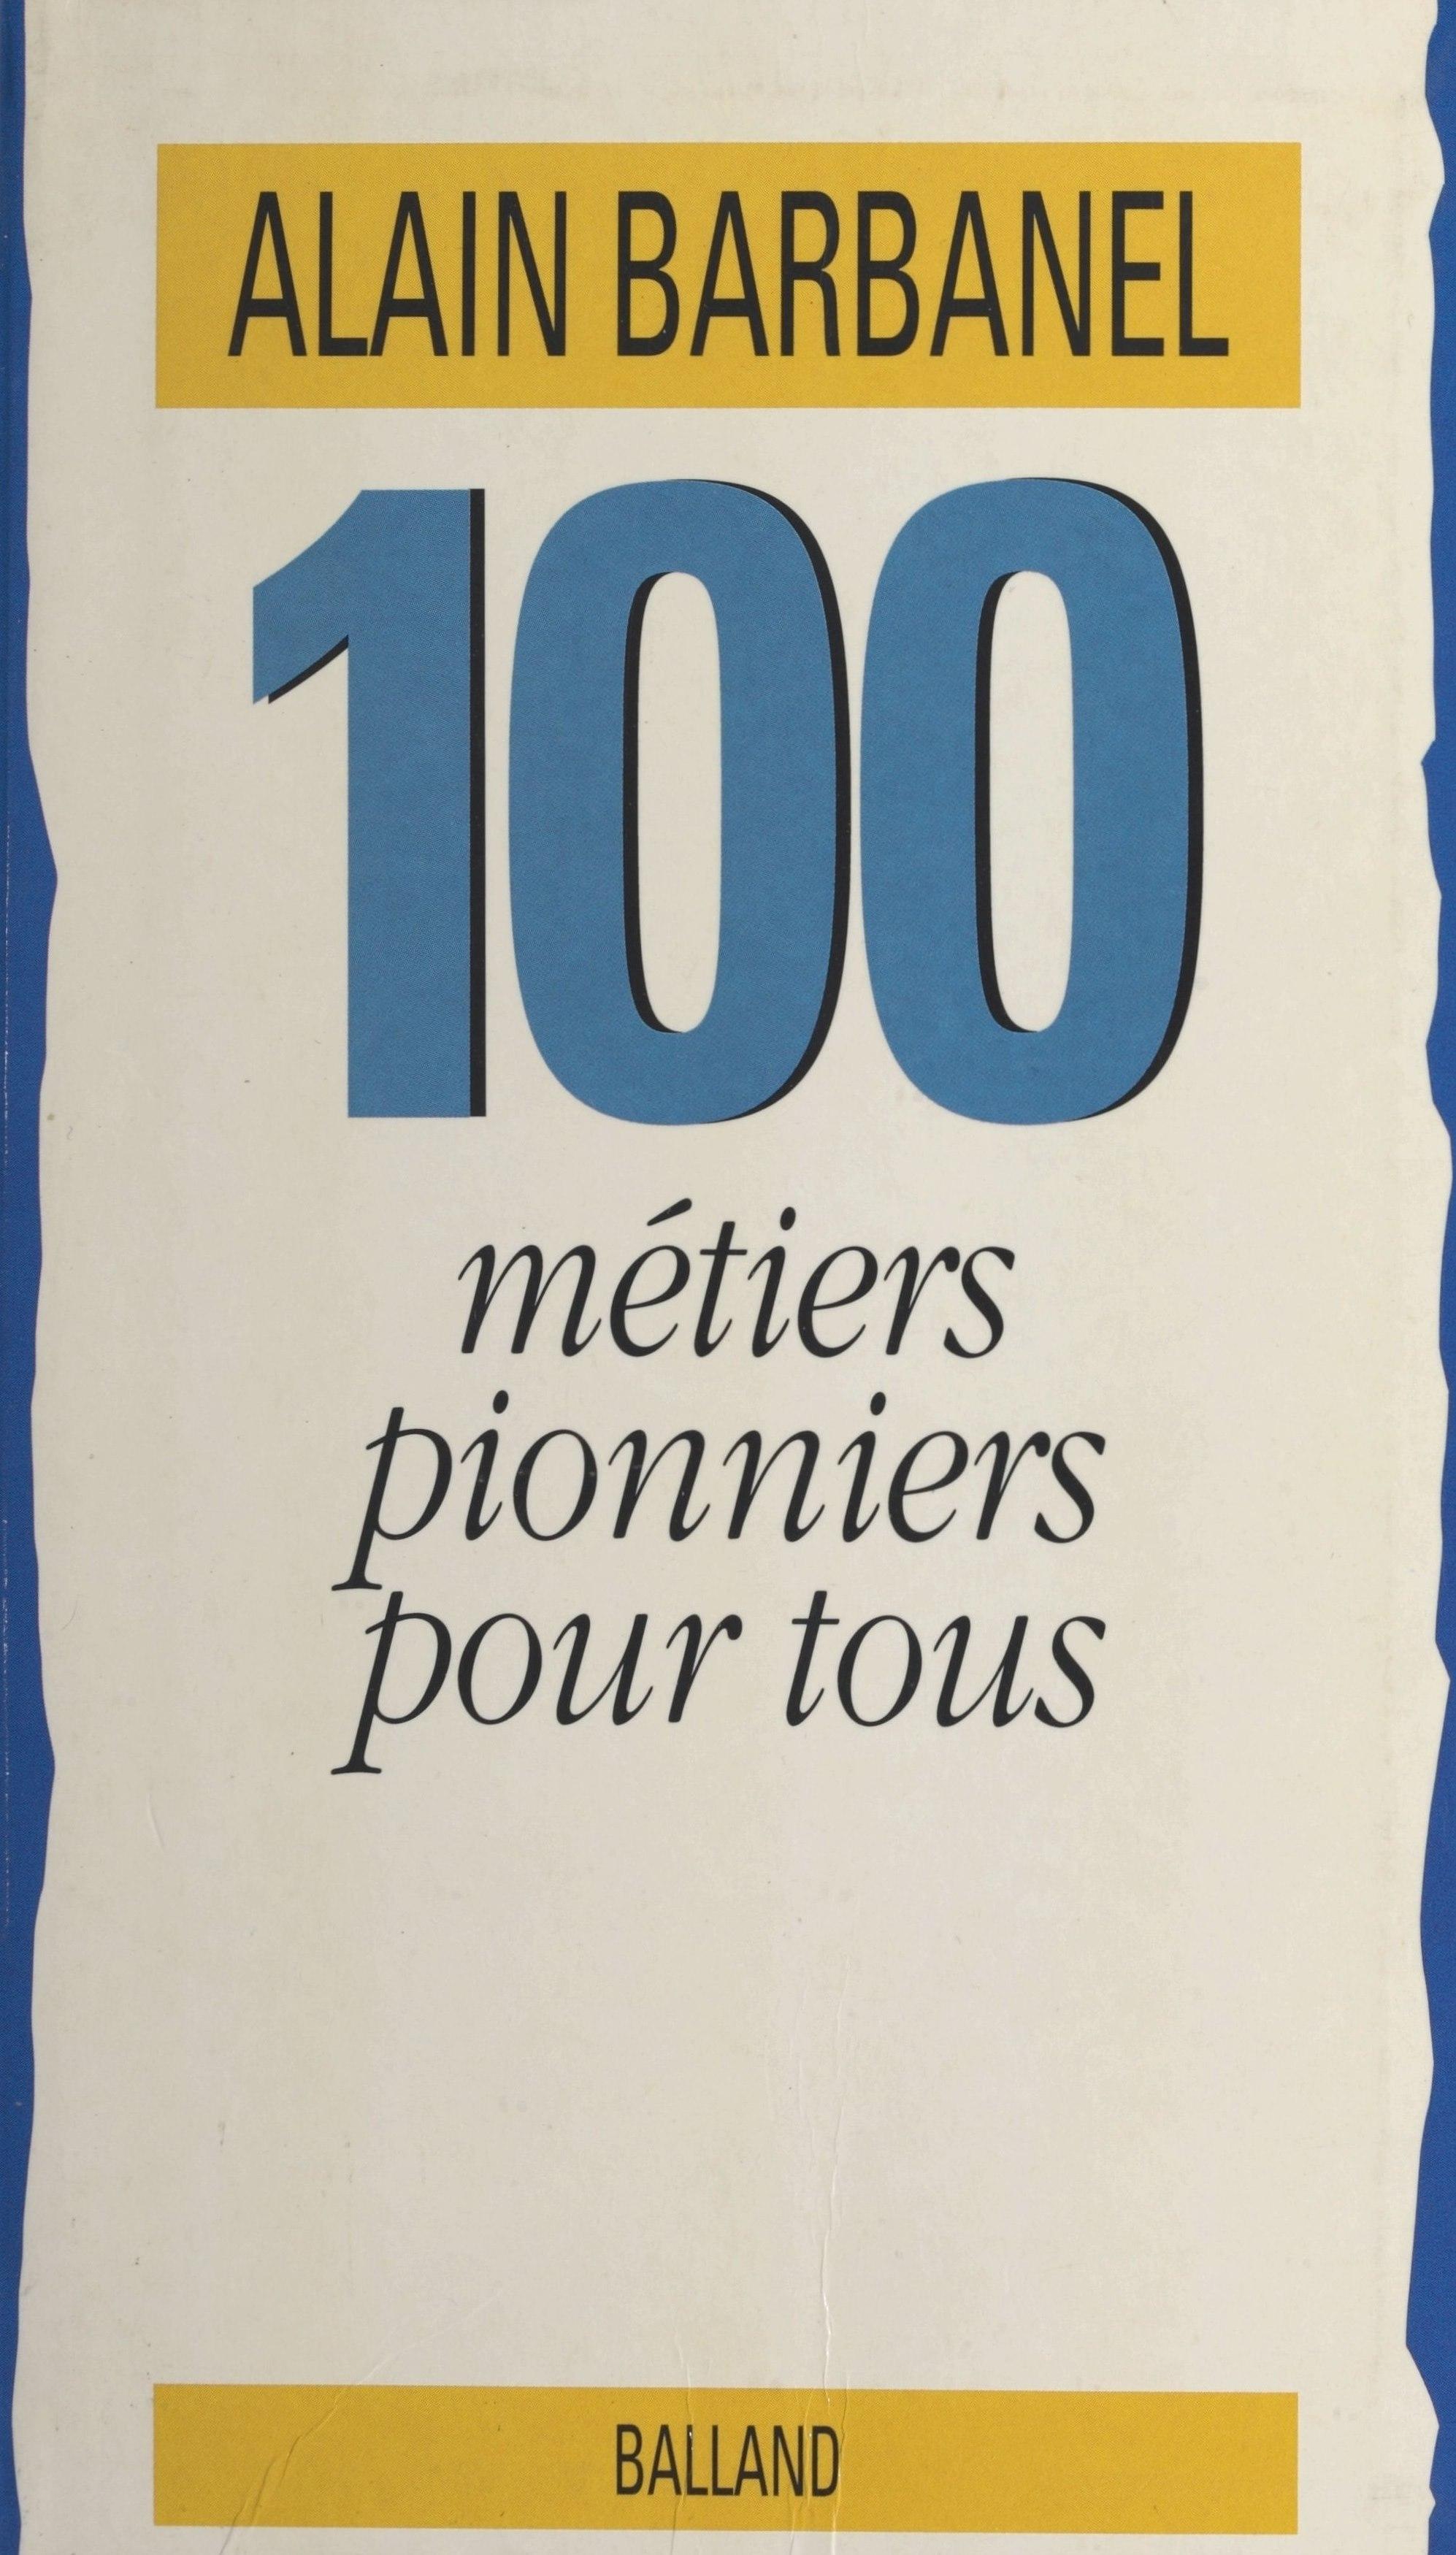 100 métiers pionniers pour tous